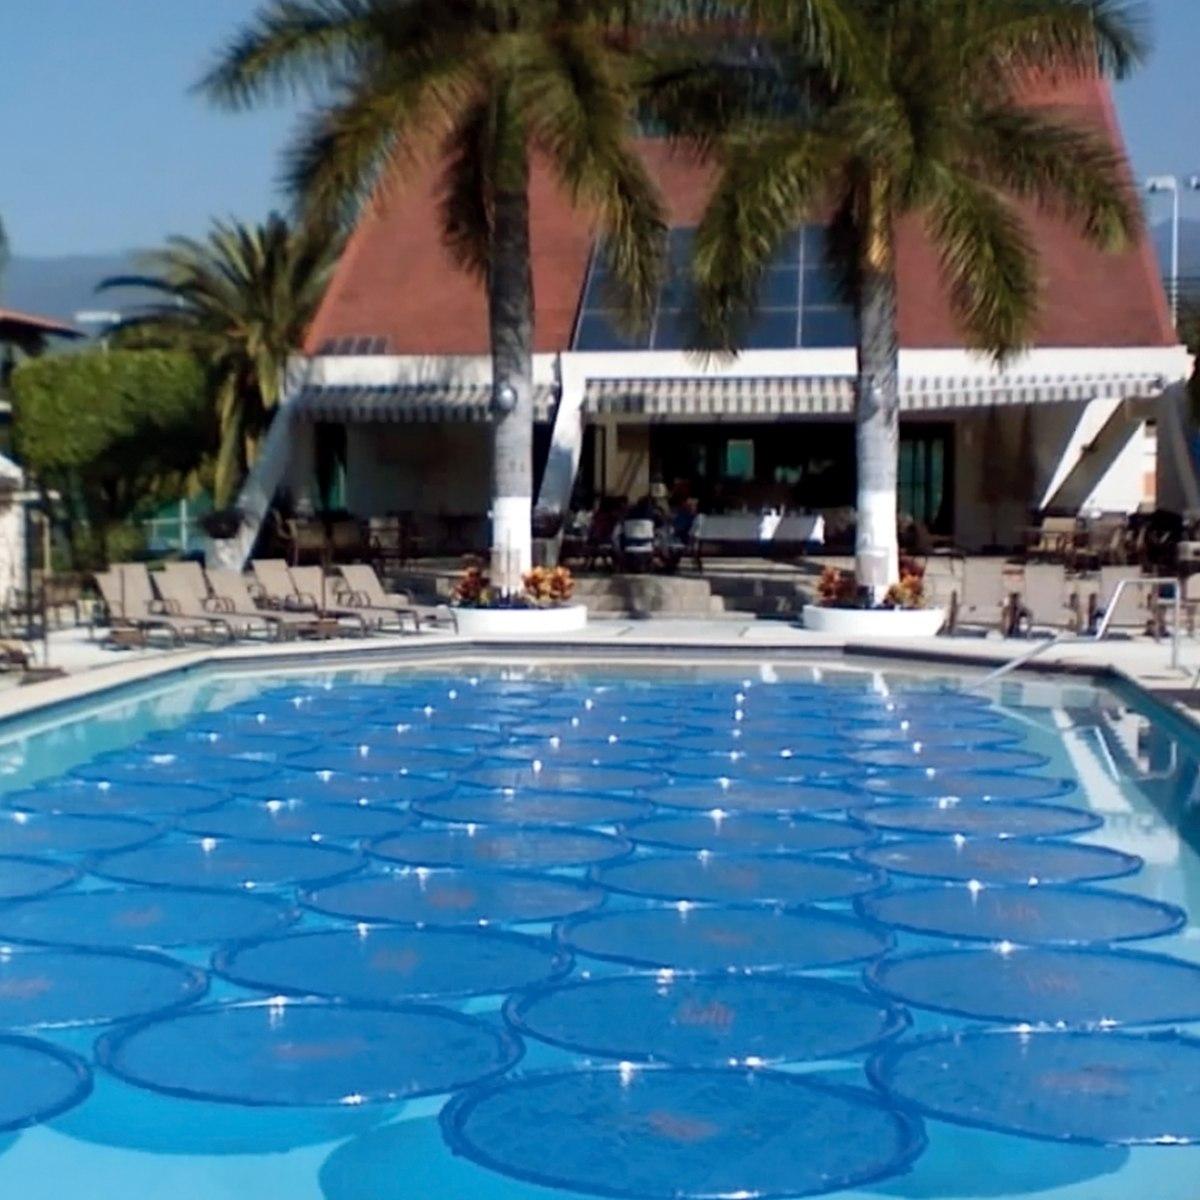 Aro solar inflable para albercas y piscinas en for Albercas minimalistas imagenes